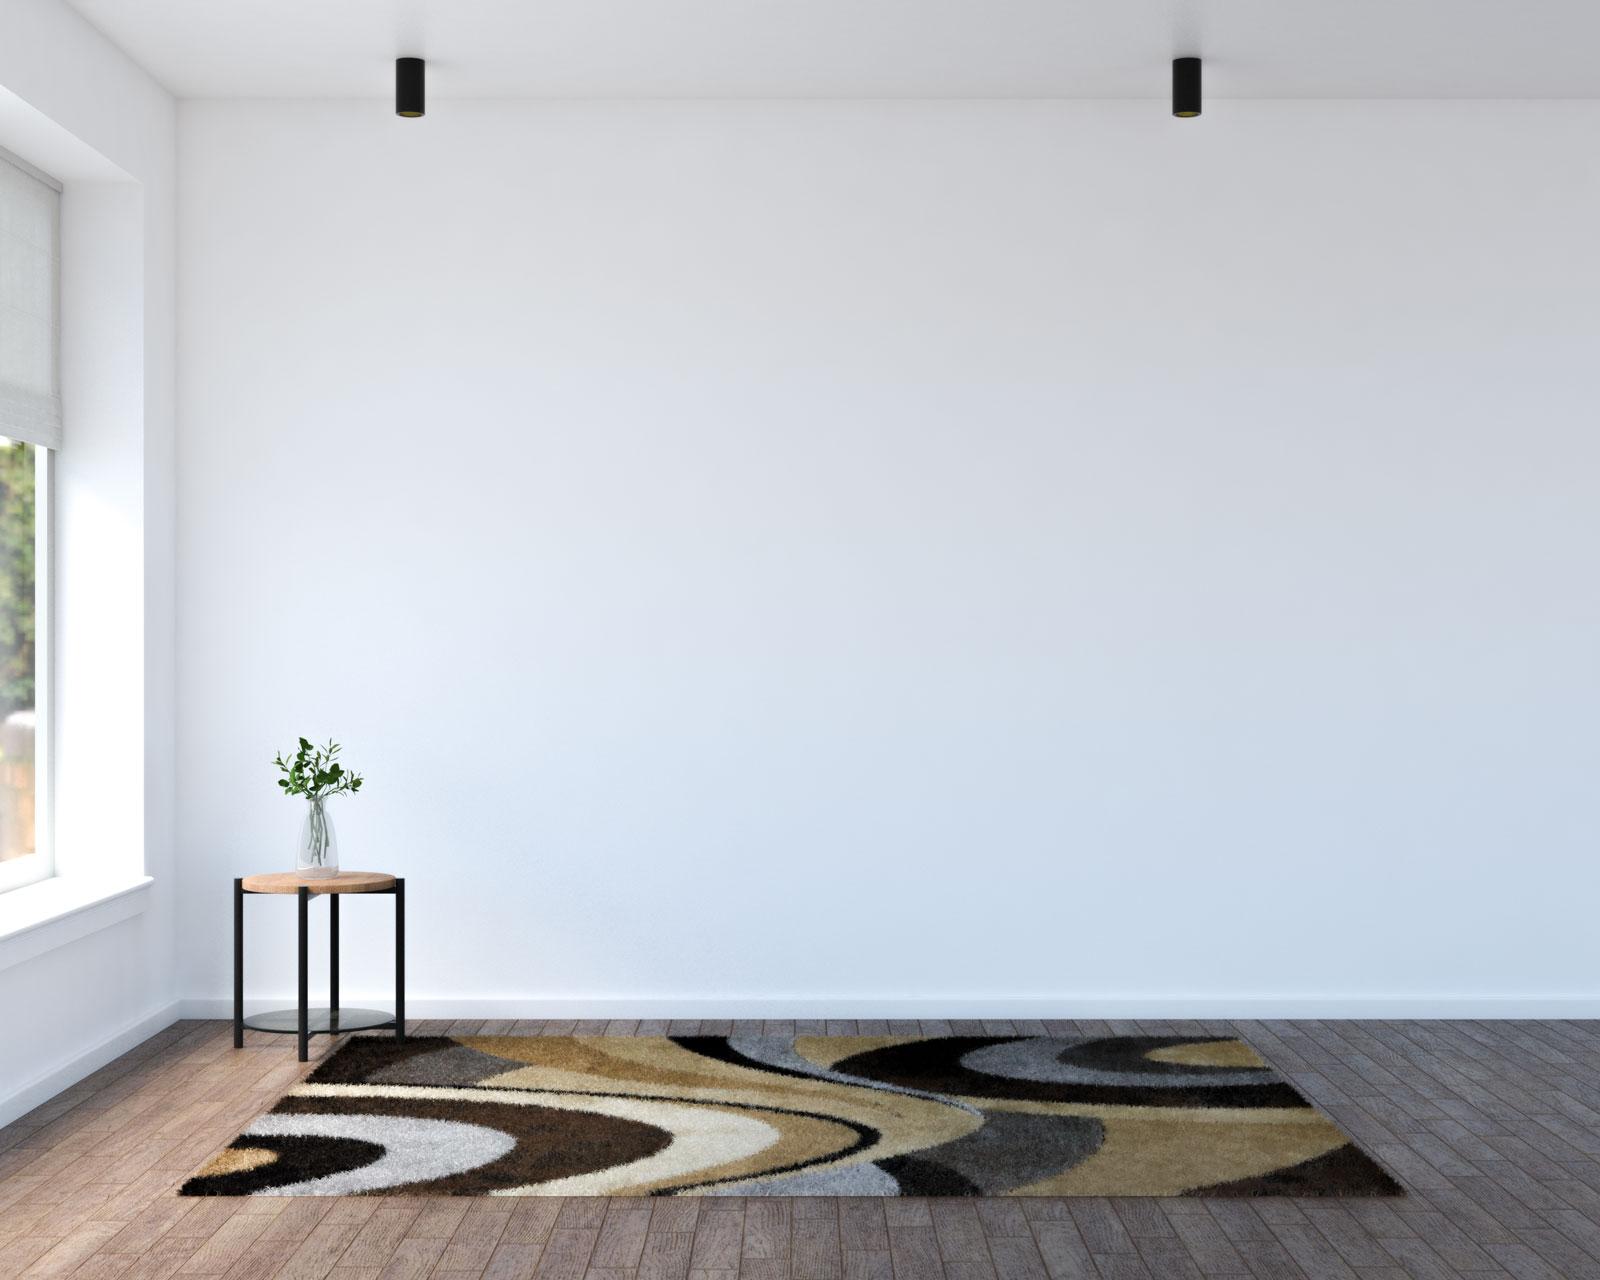 Brown and gray rug